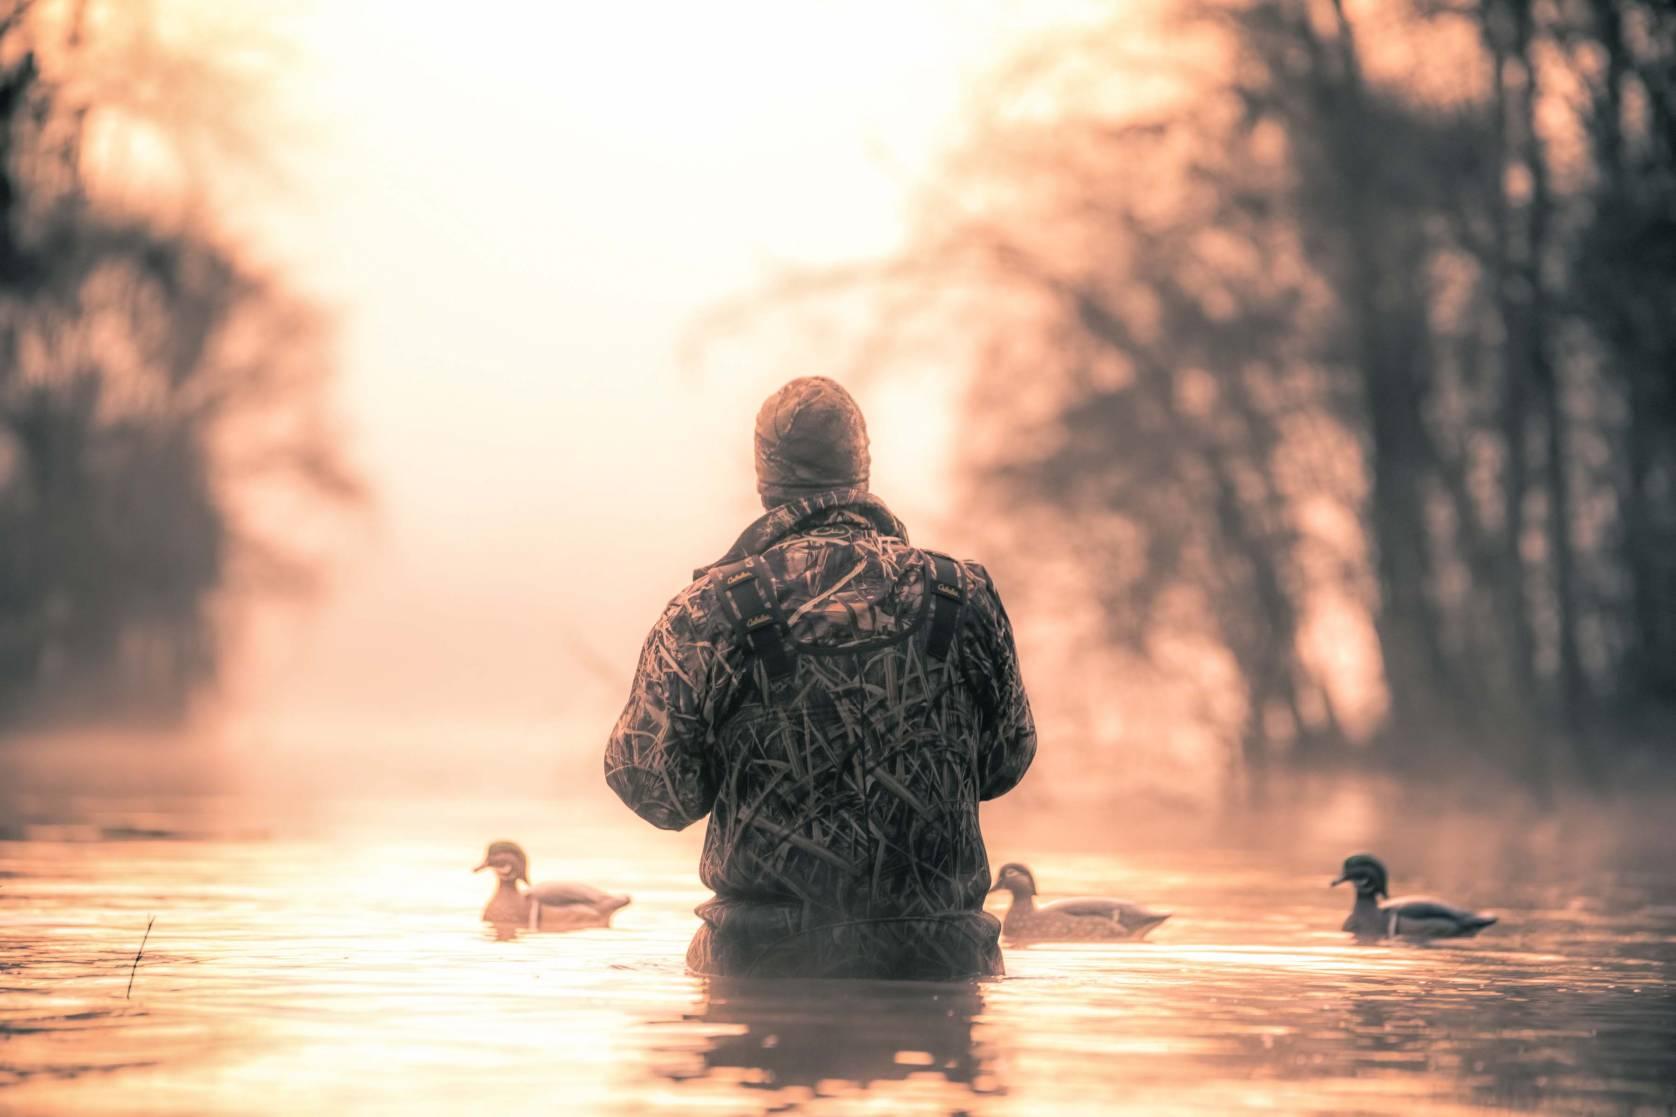 hunter decline, habitat loss